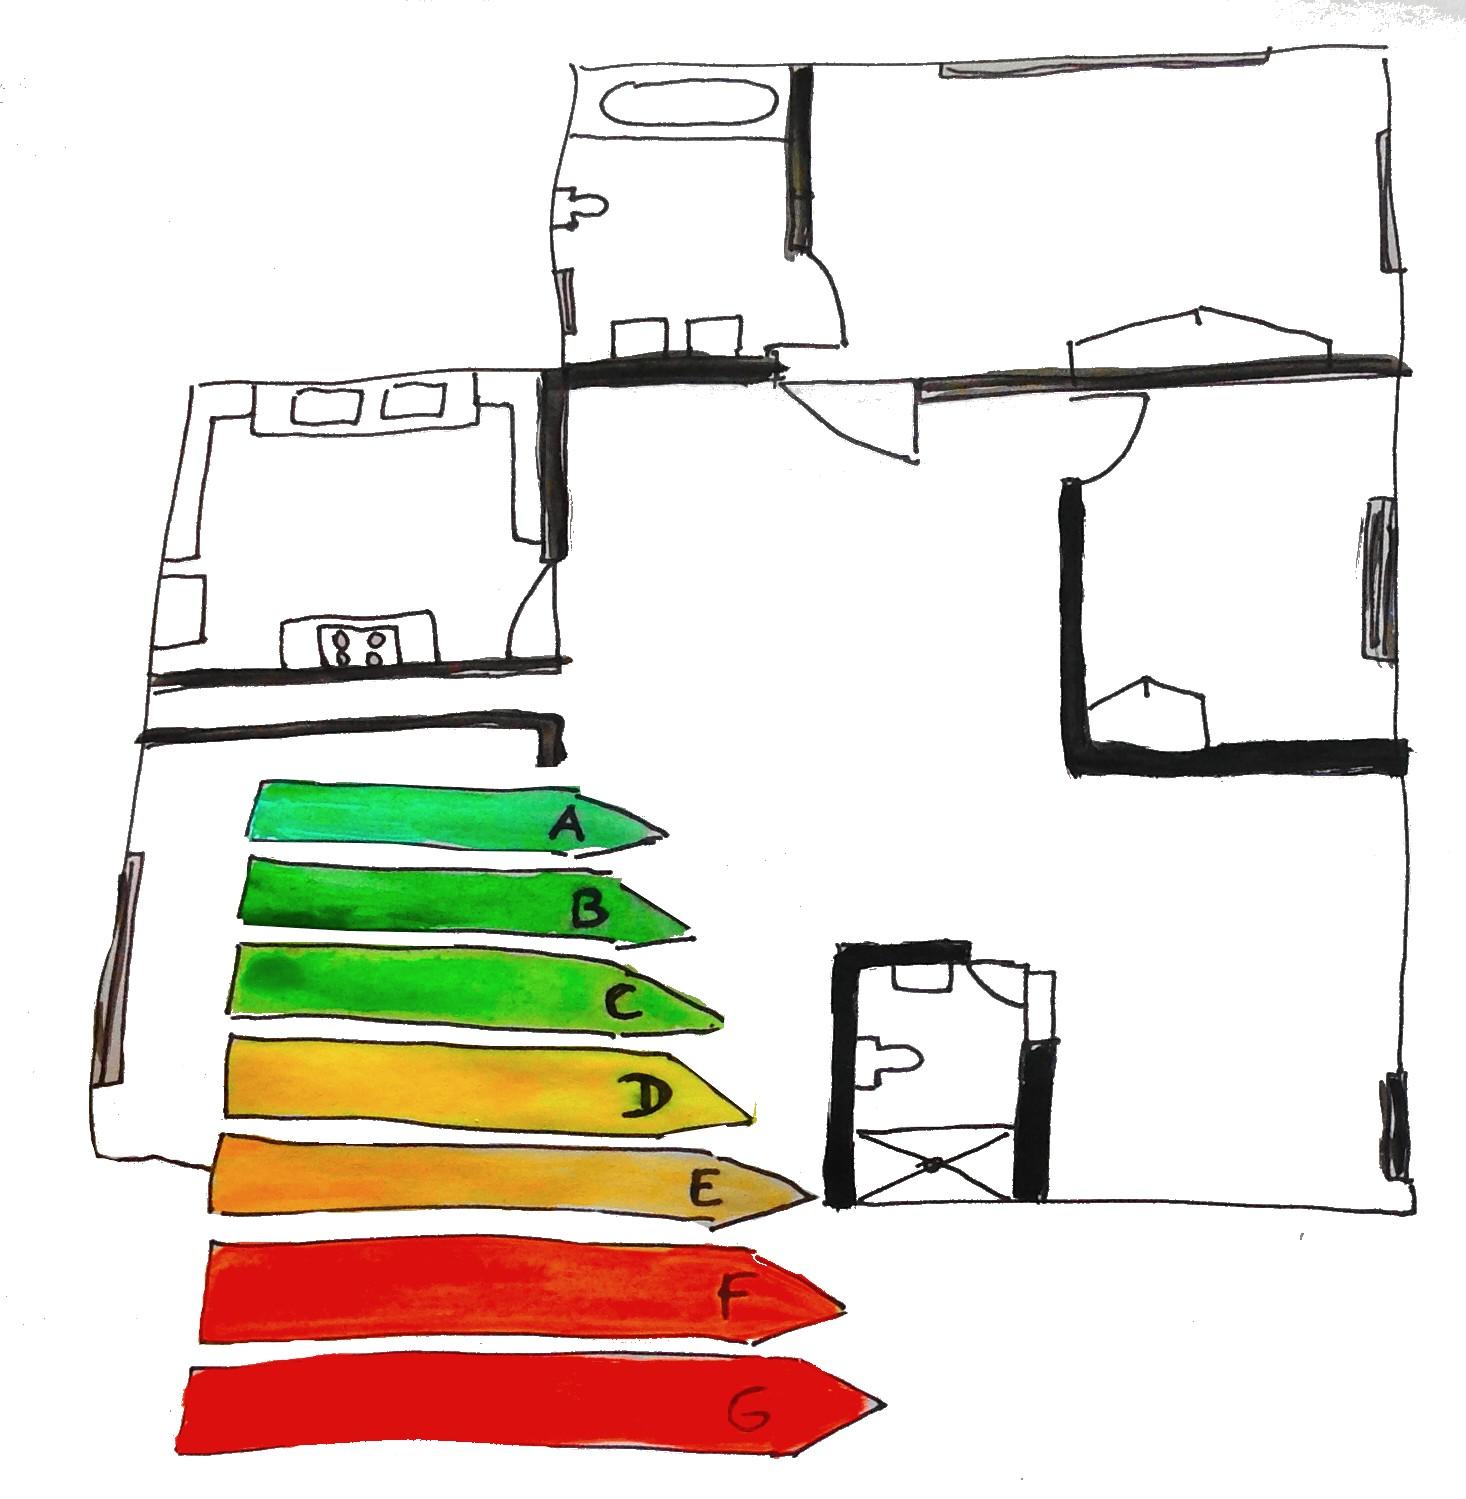 Loi location meublee modele etat des lieux pour location - Etat des lieux location meublee pdf ...